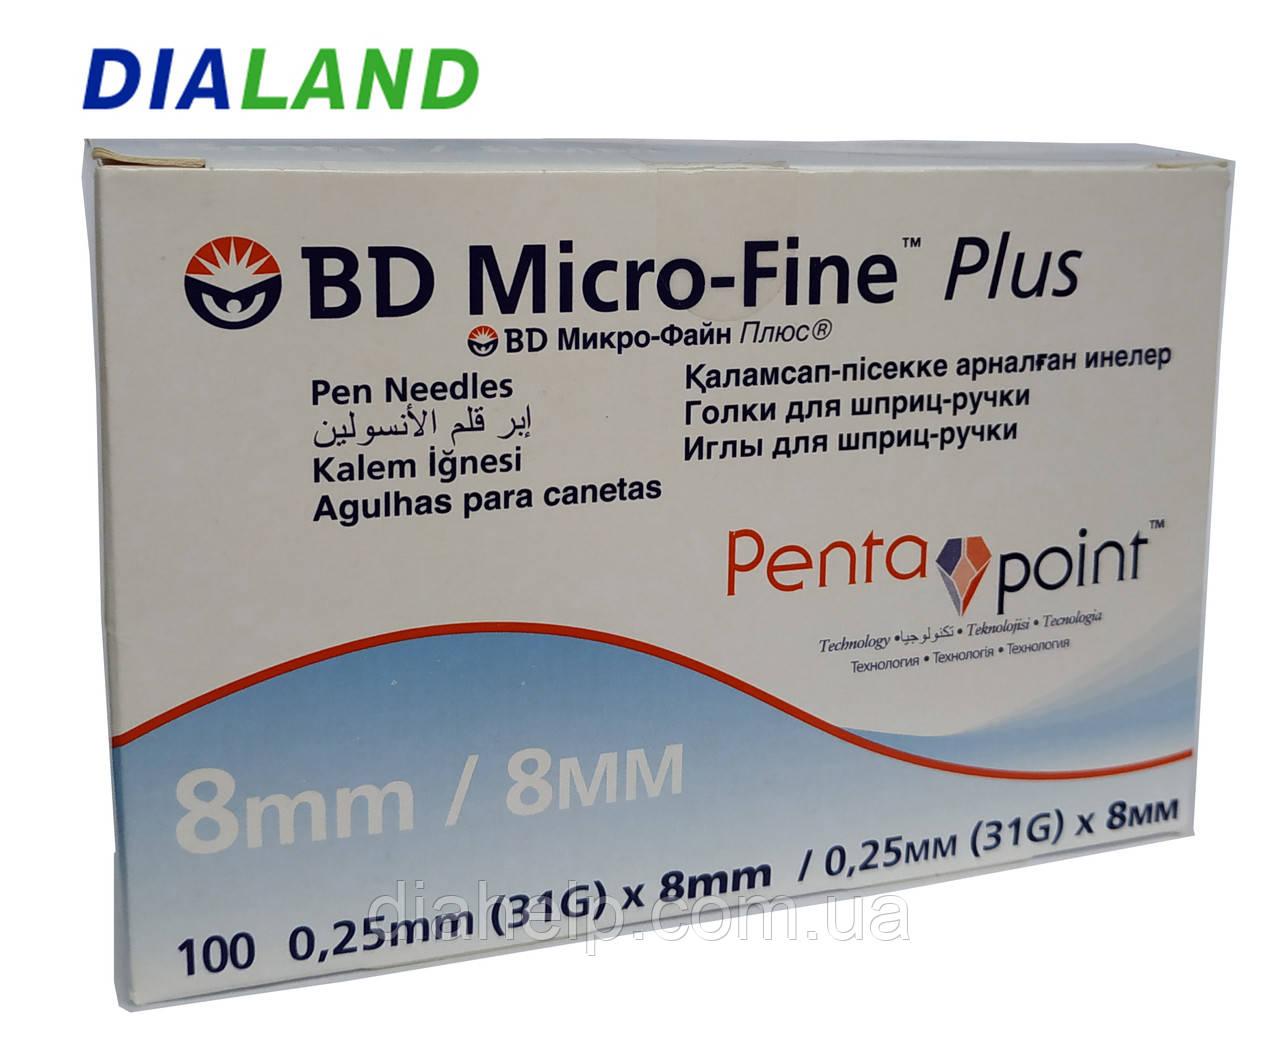 Голки МІКРО ФАЙН ПЛЮС (MICRO-FINE+) Penta Point для шприц-ручок 0,25(31G)*8мм